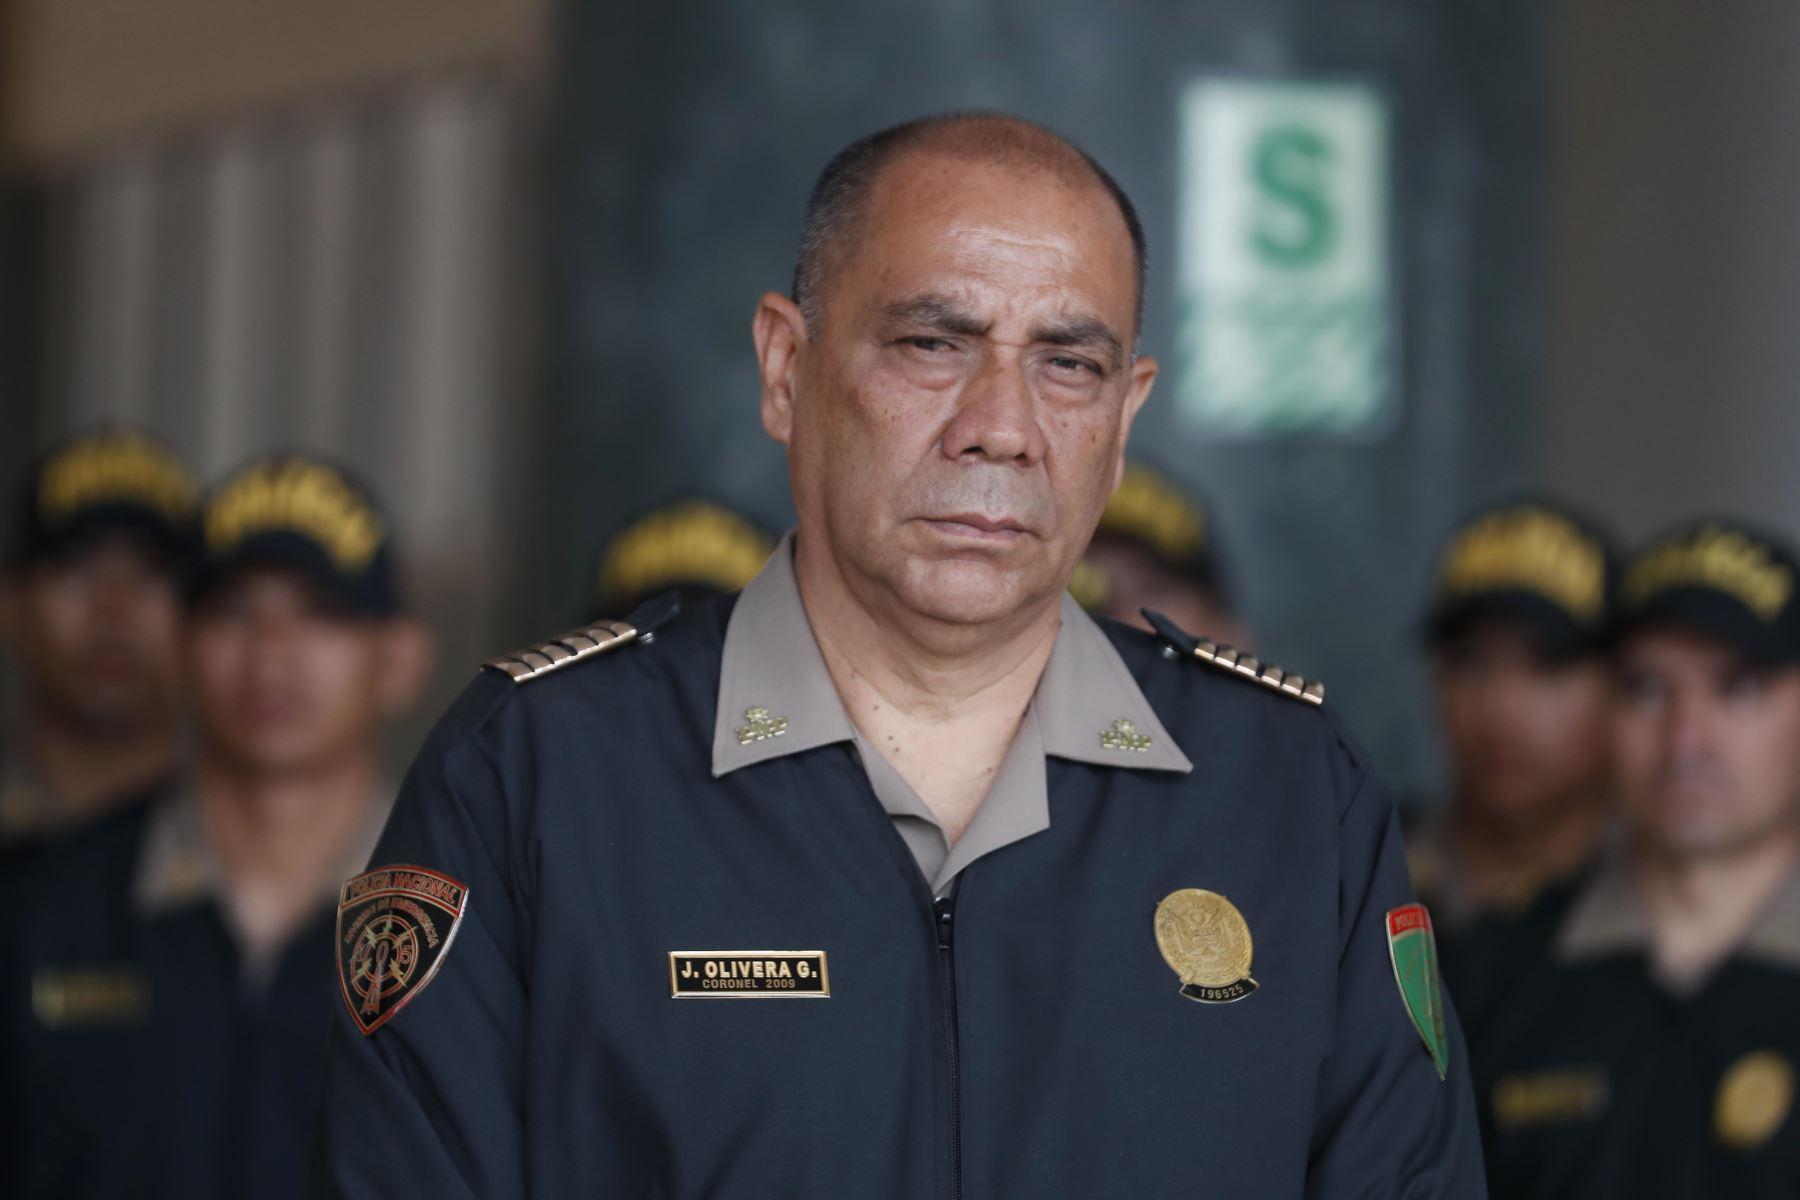 El Poder Ejecutivo, a través del Ministerio del Interior, reasignó en sus funciones a generales del Alto Mando de la Policía Nacional del Perú (PNP). Coronel Juan Olivera Garcia en conferencia de prensa. Foto: ANDINA/Renato Pajuelo